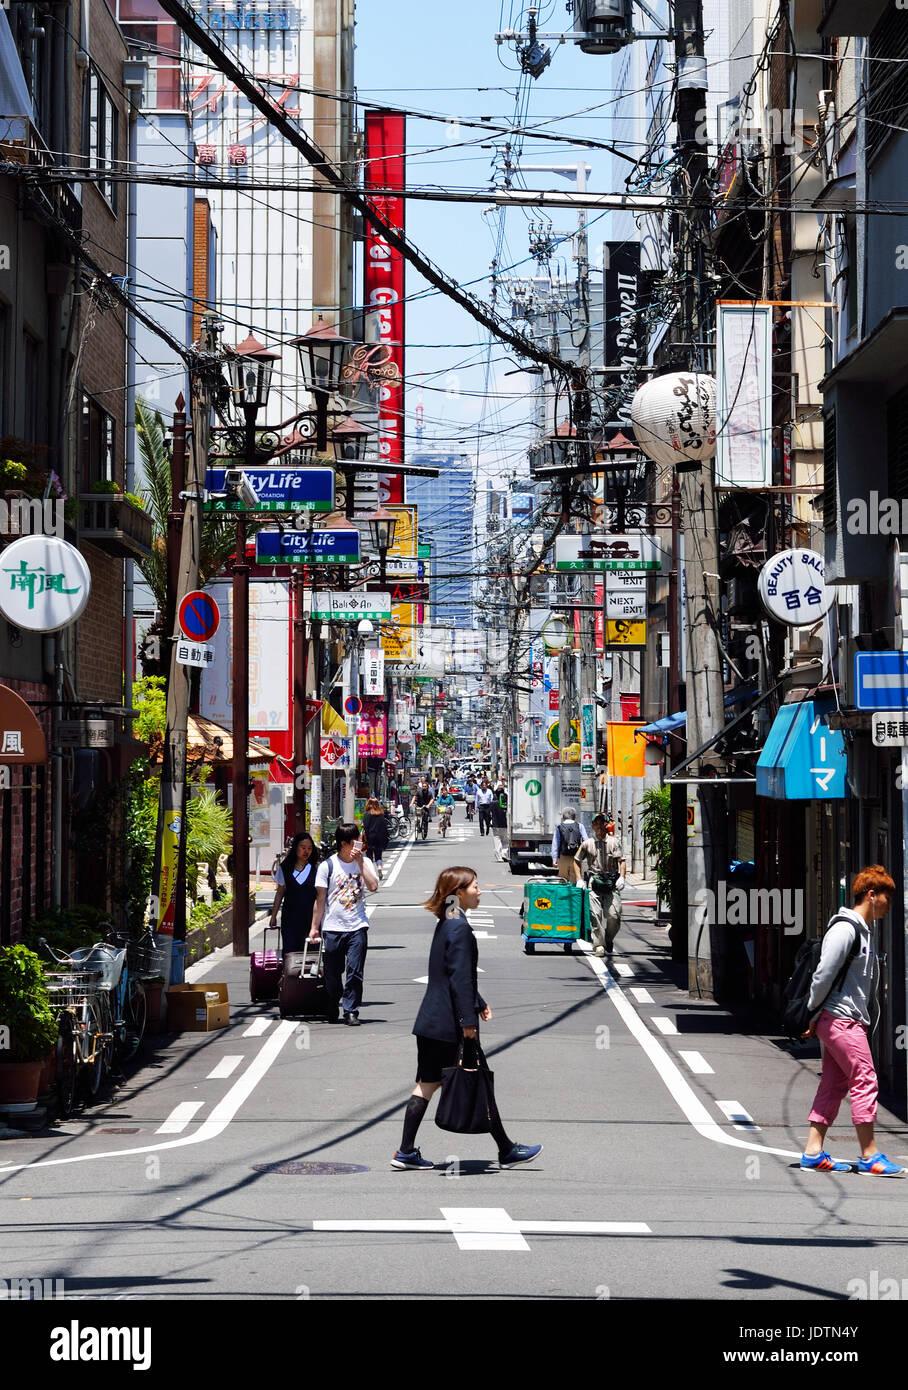 Un ufficio giapponese donna attraversa la strada di fronte a un vicolo stretto nel quartiere Namba di Osaka, Giappone Immagini Stock